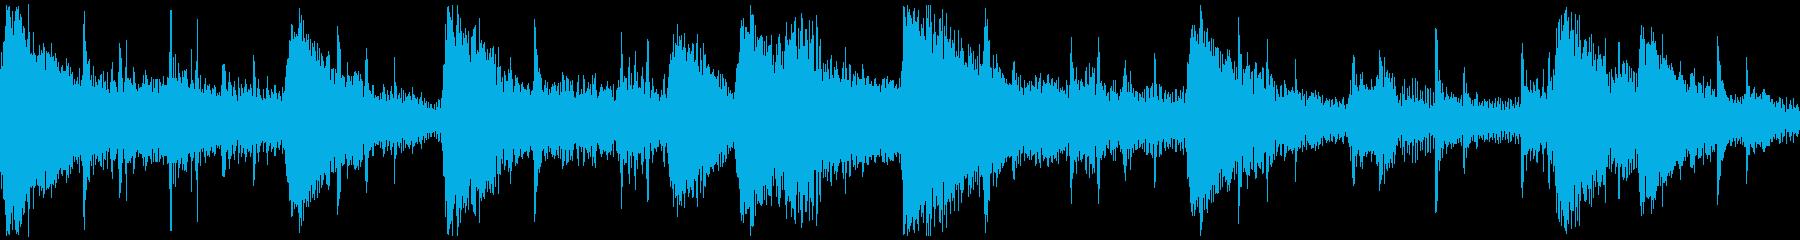 <ショートループ> ピアノ③+ビートBの再生済みの波形